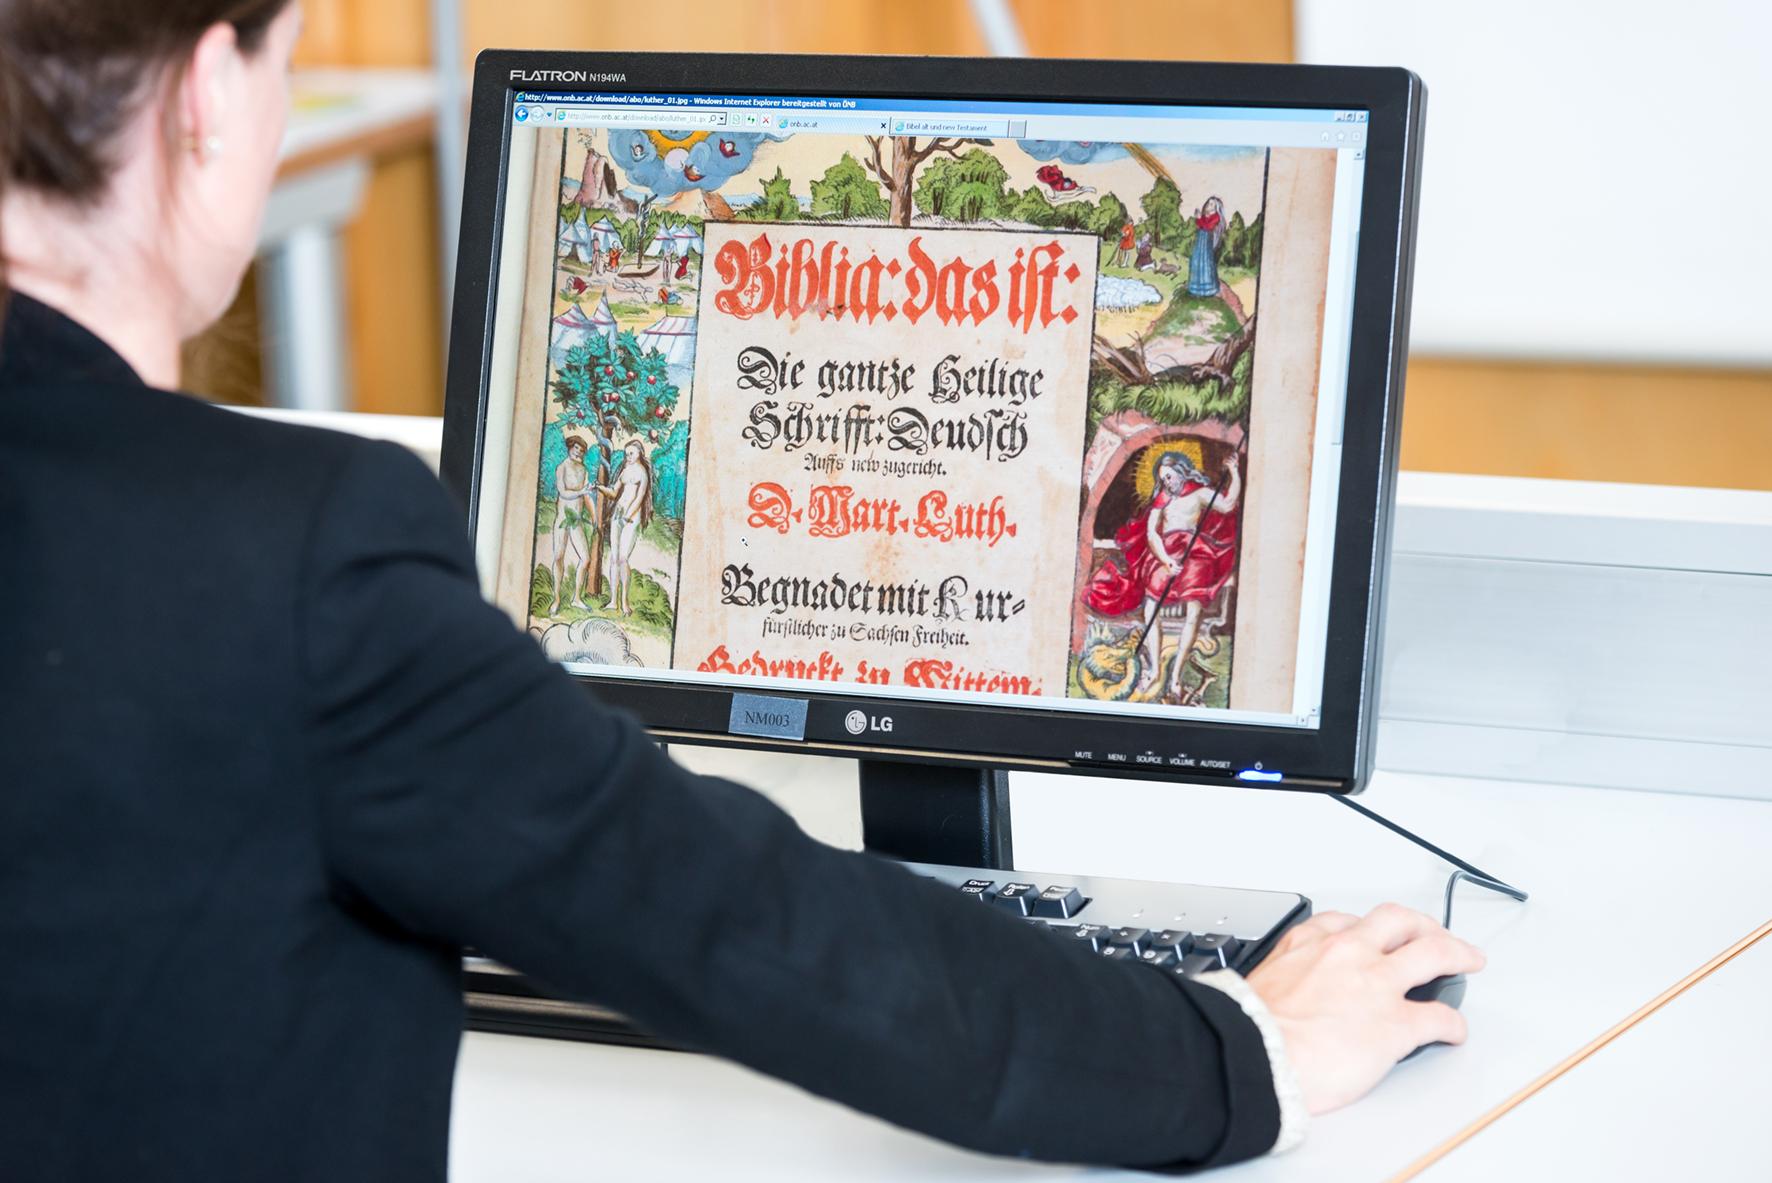 Фото с сайта Австрийской национальной библиотеки: onb.ac.at